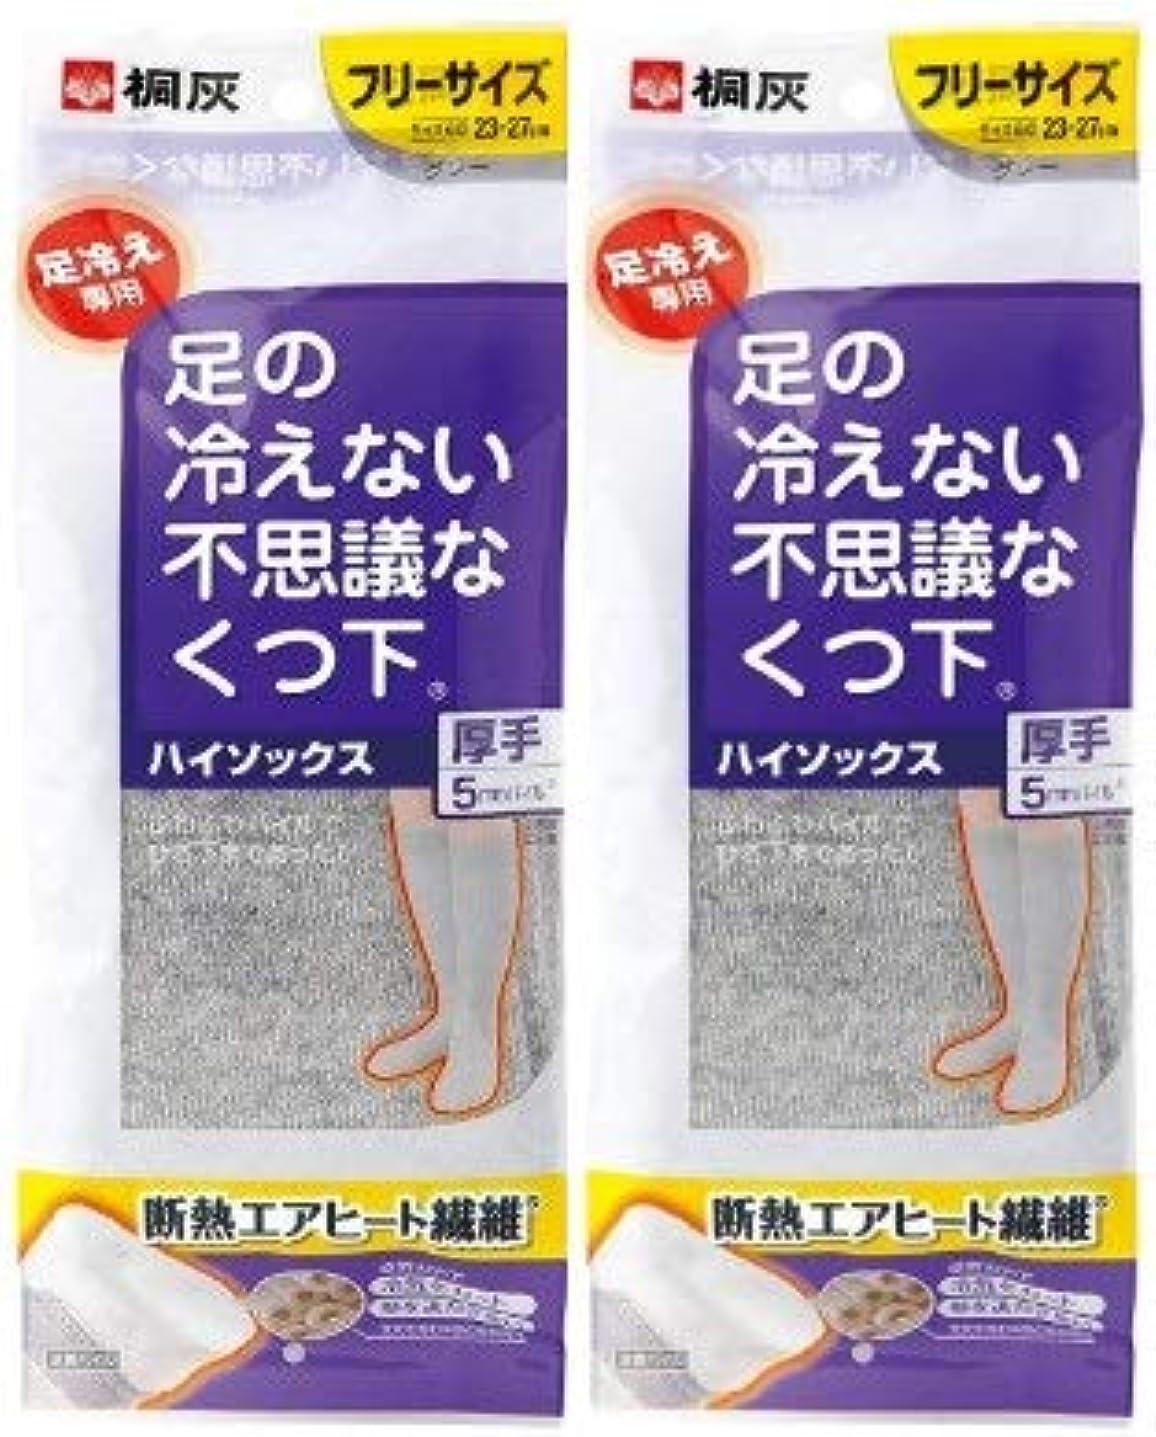 勤勉り経由で【まとめ買い】桐灰化学 足の冷えない不思議なくつ下 ハイソックス 厚手 足冷え専用 フリーサイズ グレー 1足分(2個入)×2個セット